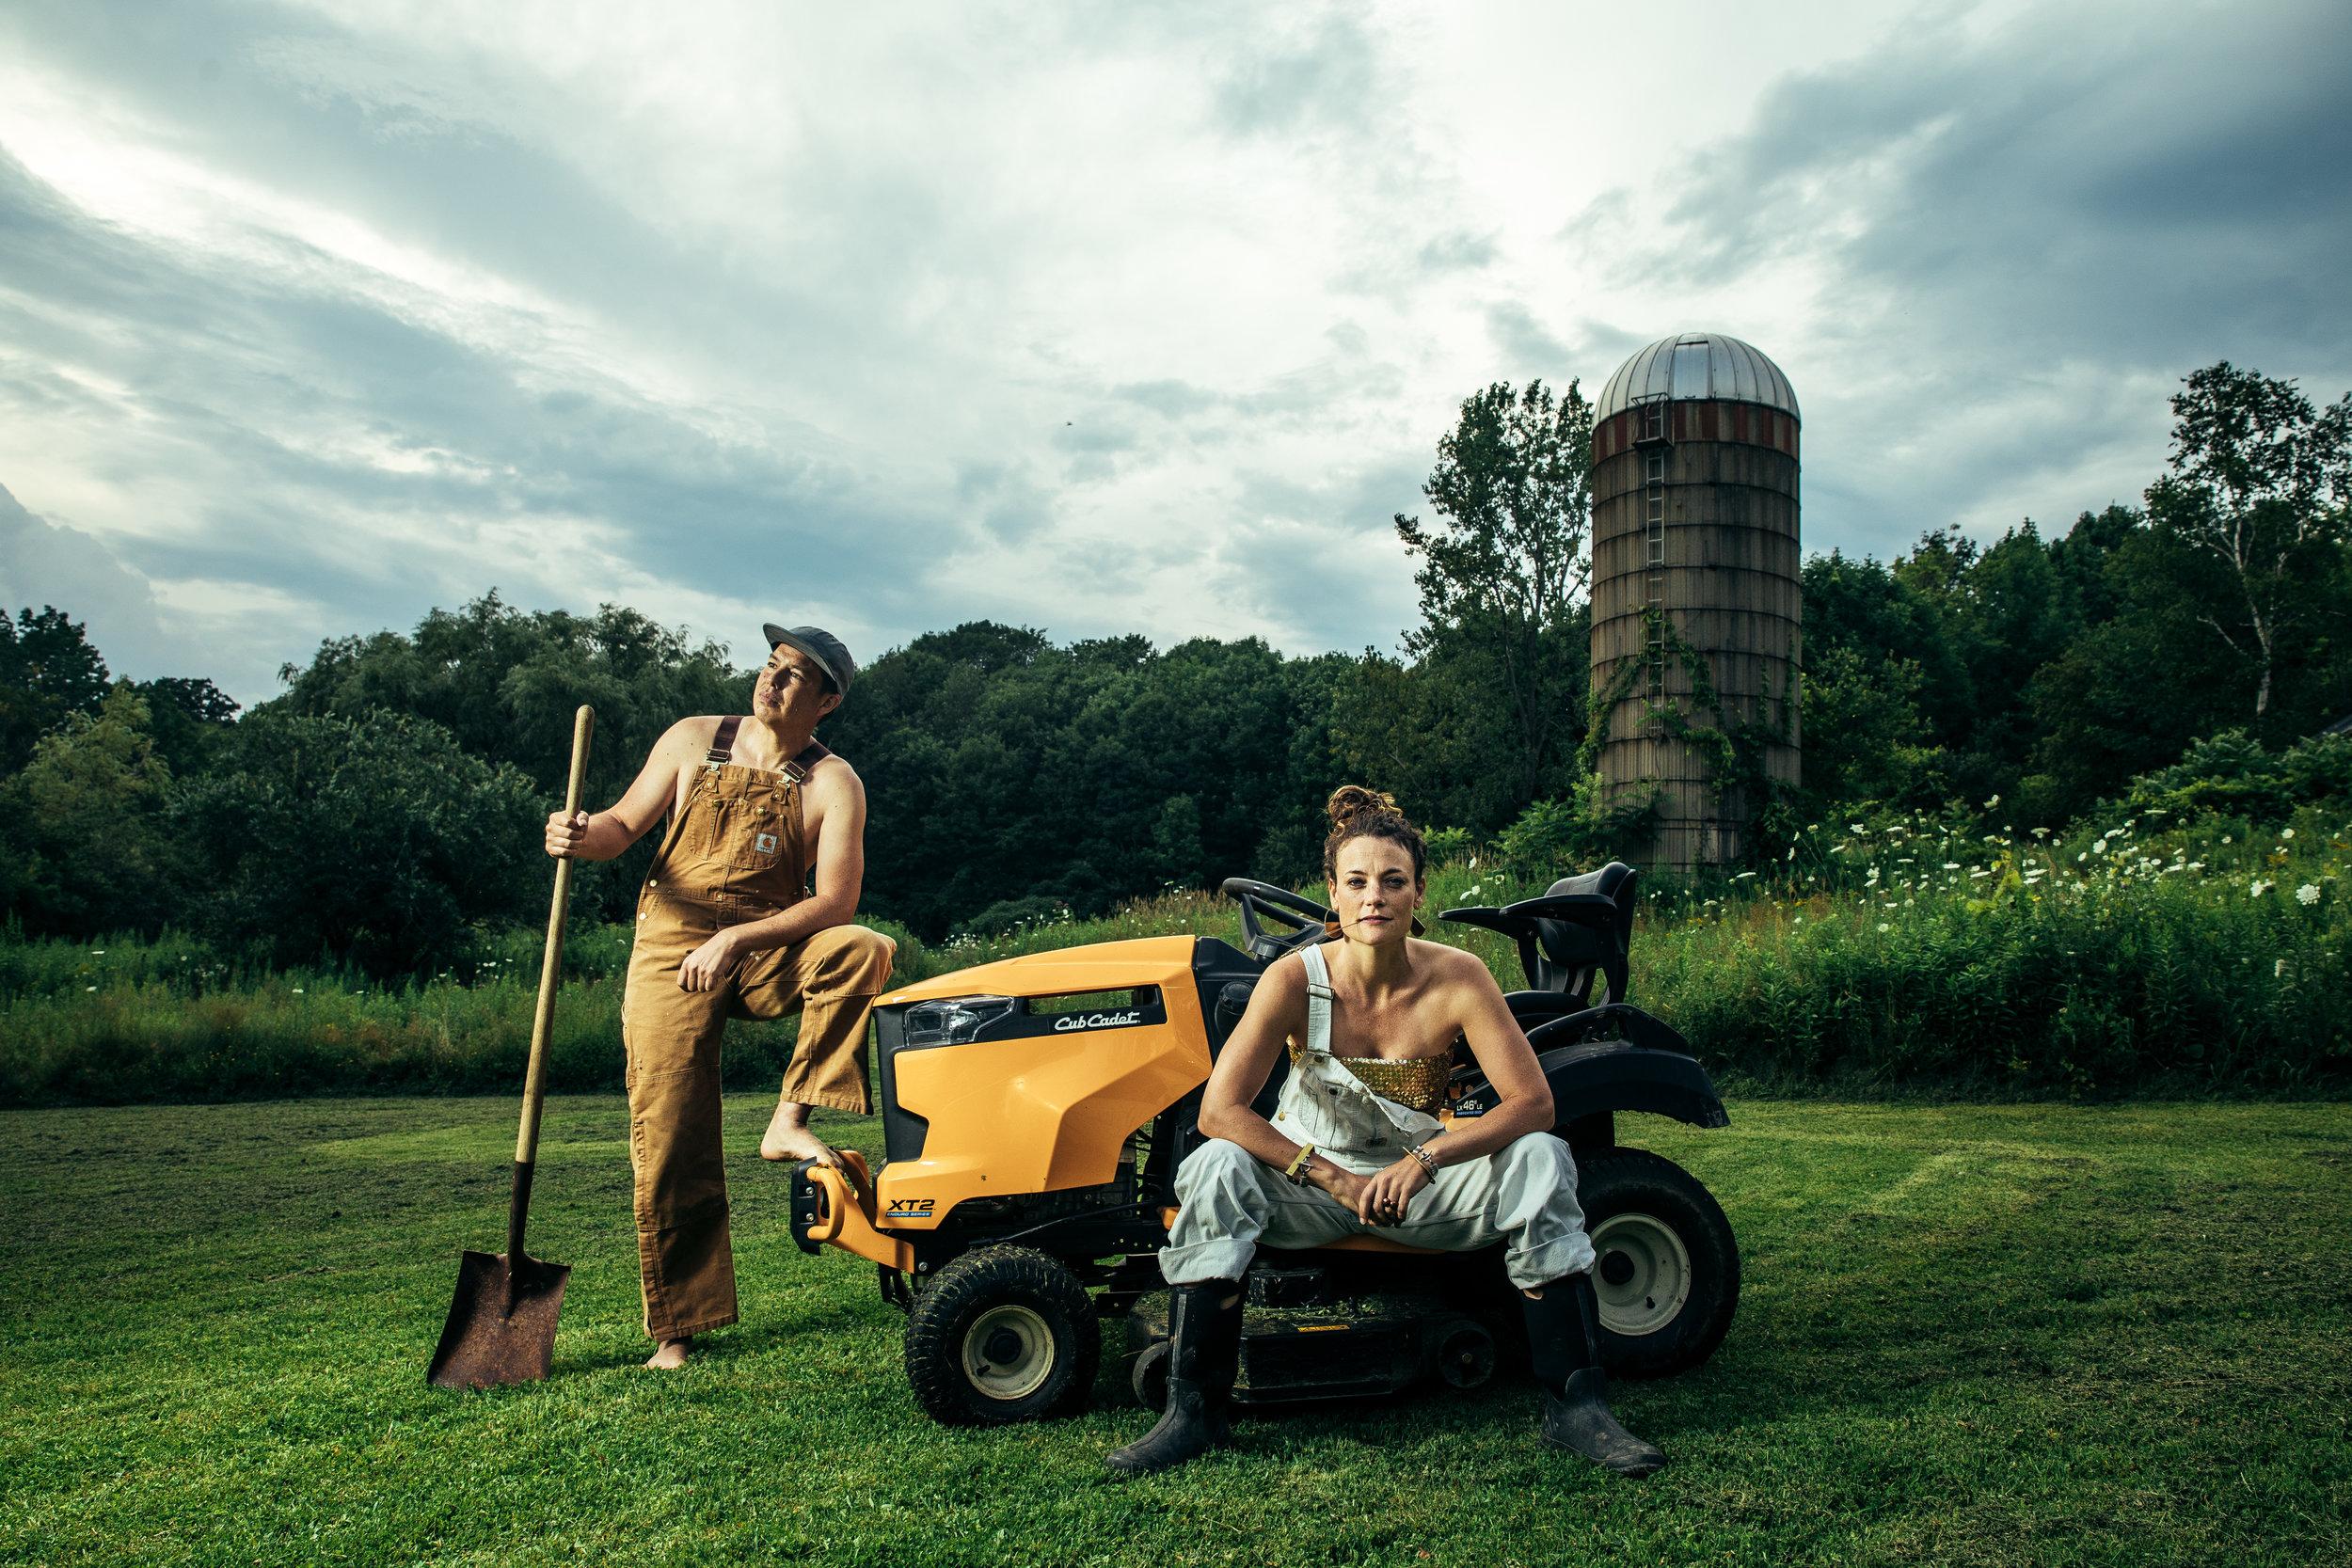 PETE MISER & SARA KATE GILLINGHAM